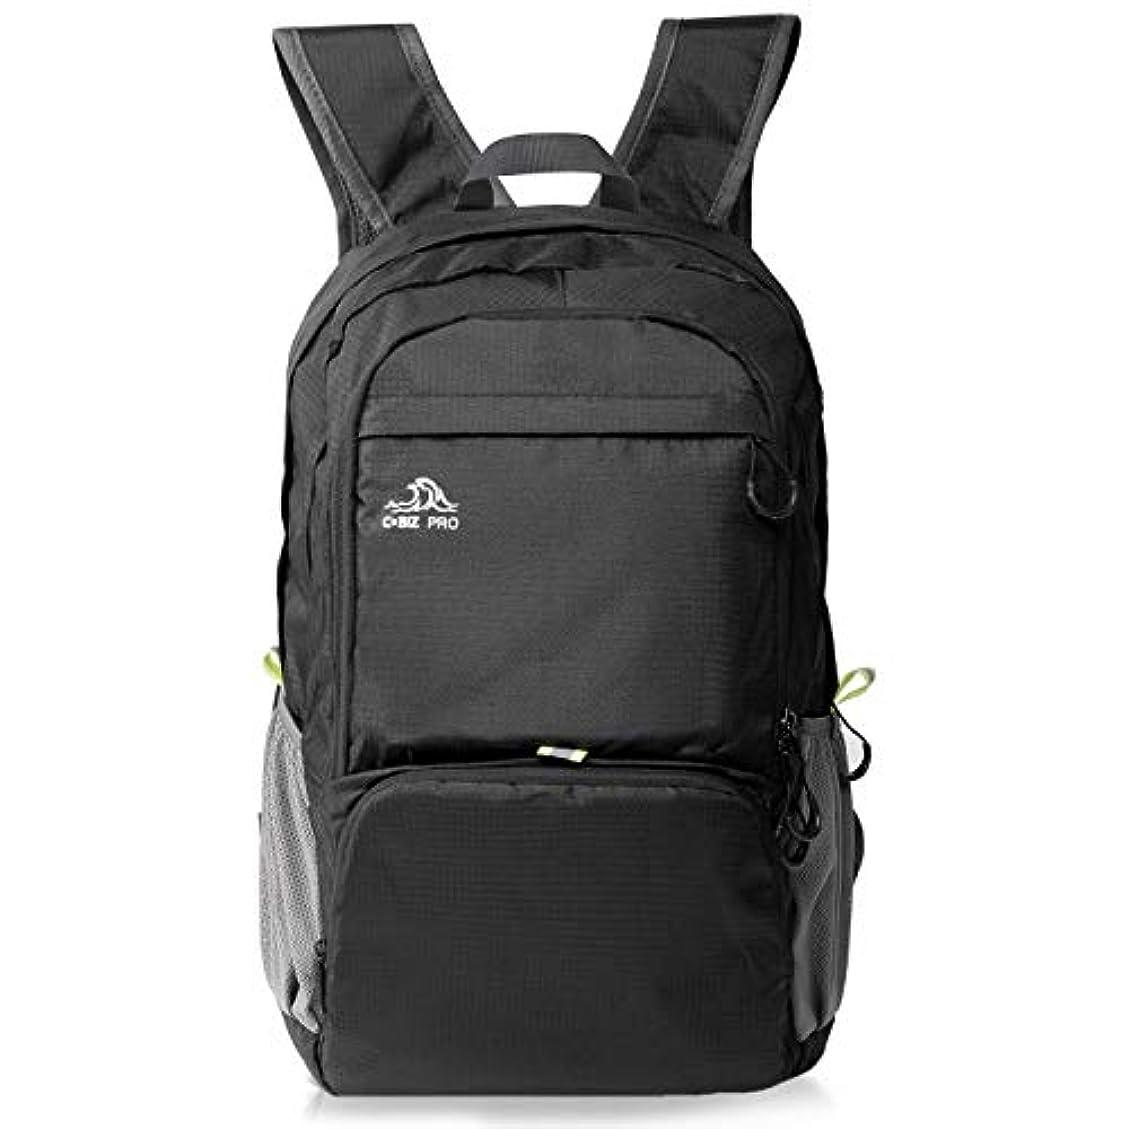 学士虚偽うまくやる()リュック,Cobiz軽量収納キャンプハイキングバックパックデイパック、30リットル小パック便利な折りたたみ式旅行アウトドアスポーツリュックサックユニセックスナイロンスクールバッグ